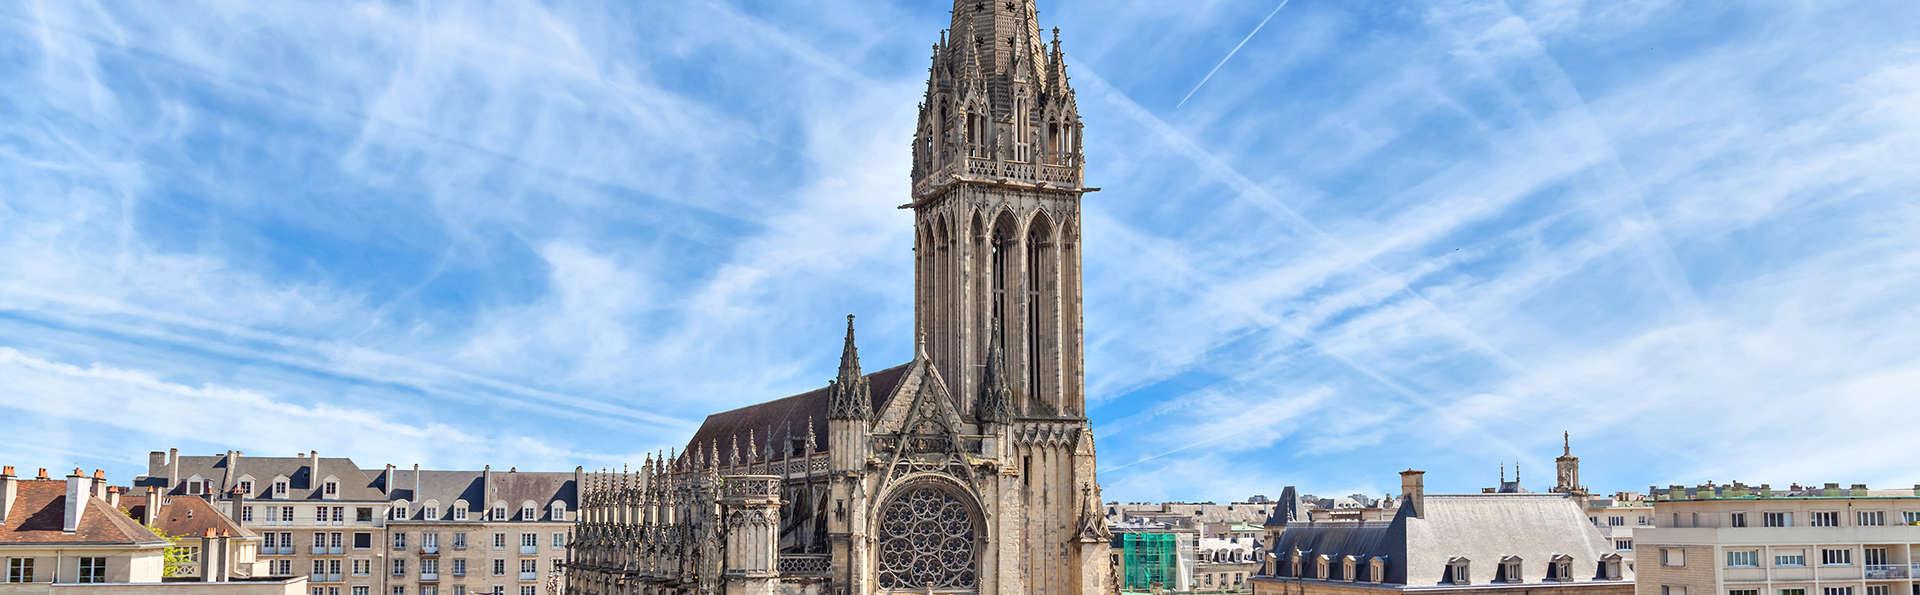 Balladins Caen Mémorial - Edit_Caen22.jpg